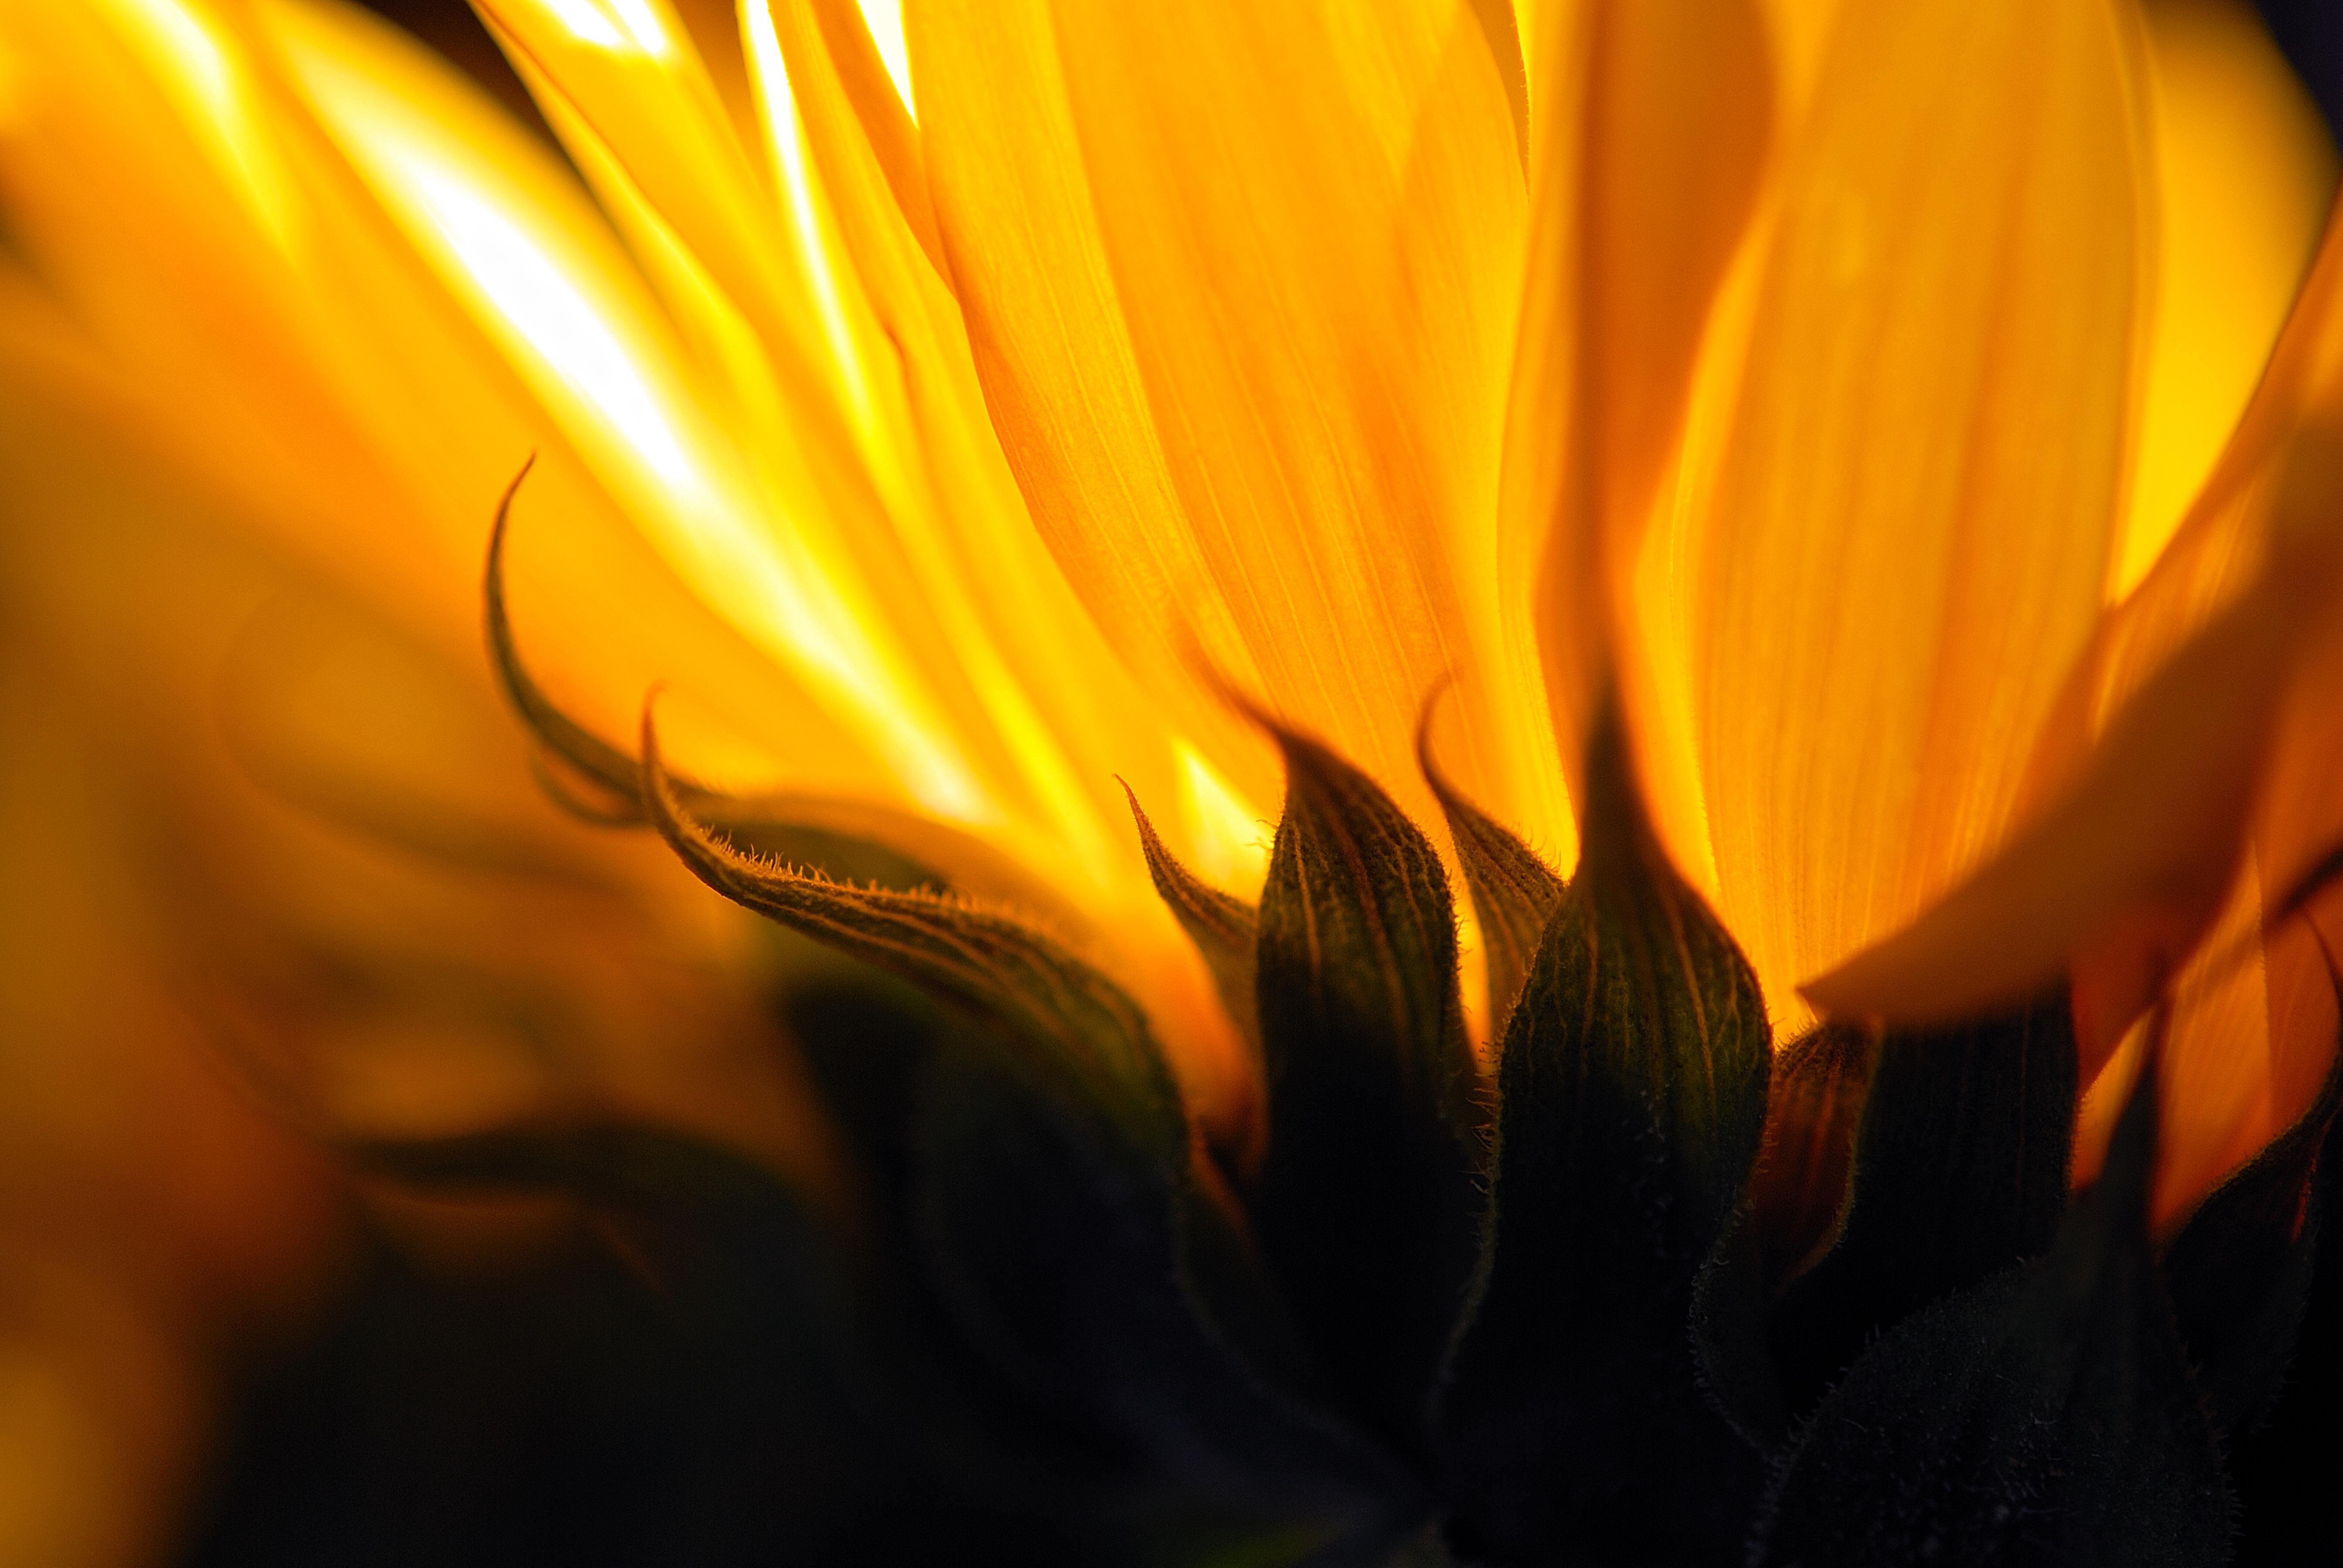 sunflowers_99